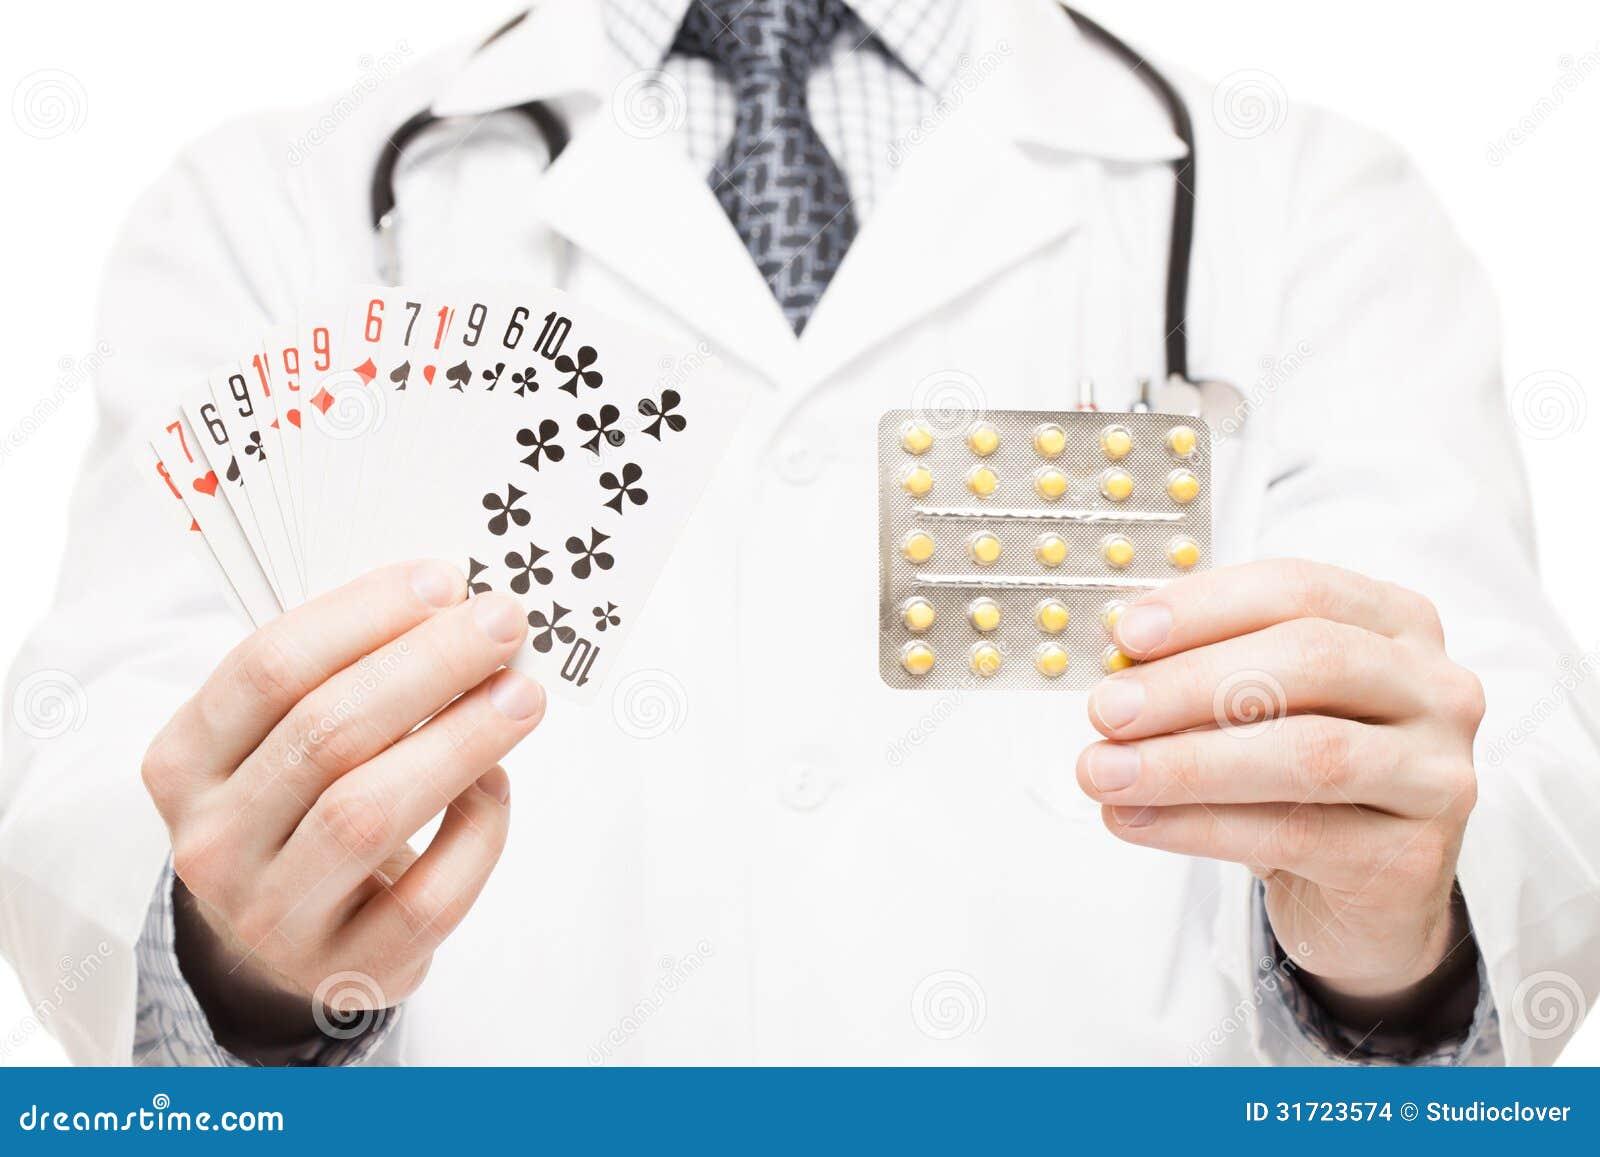 Nursing diagnosis for gambling